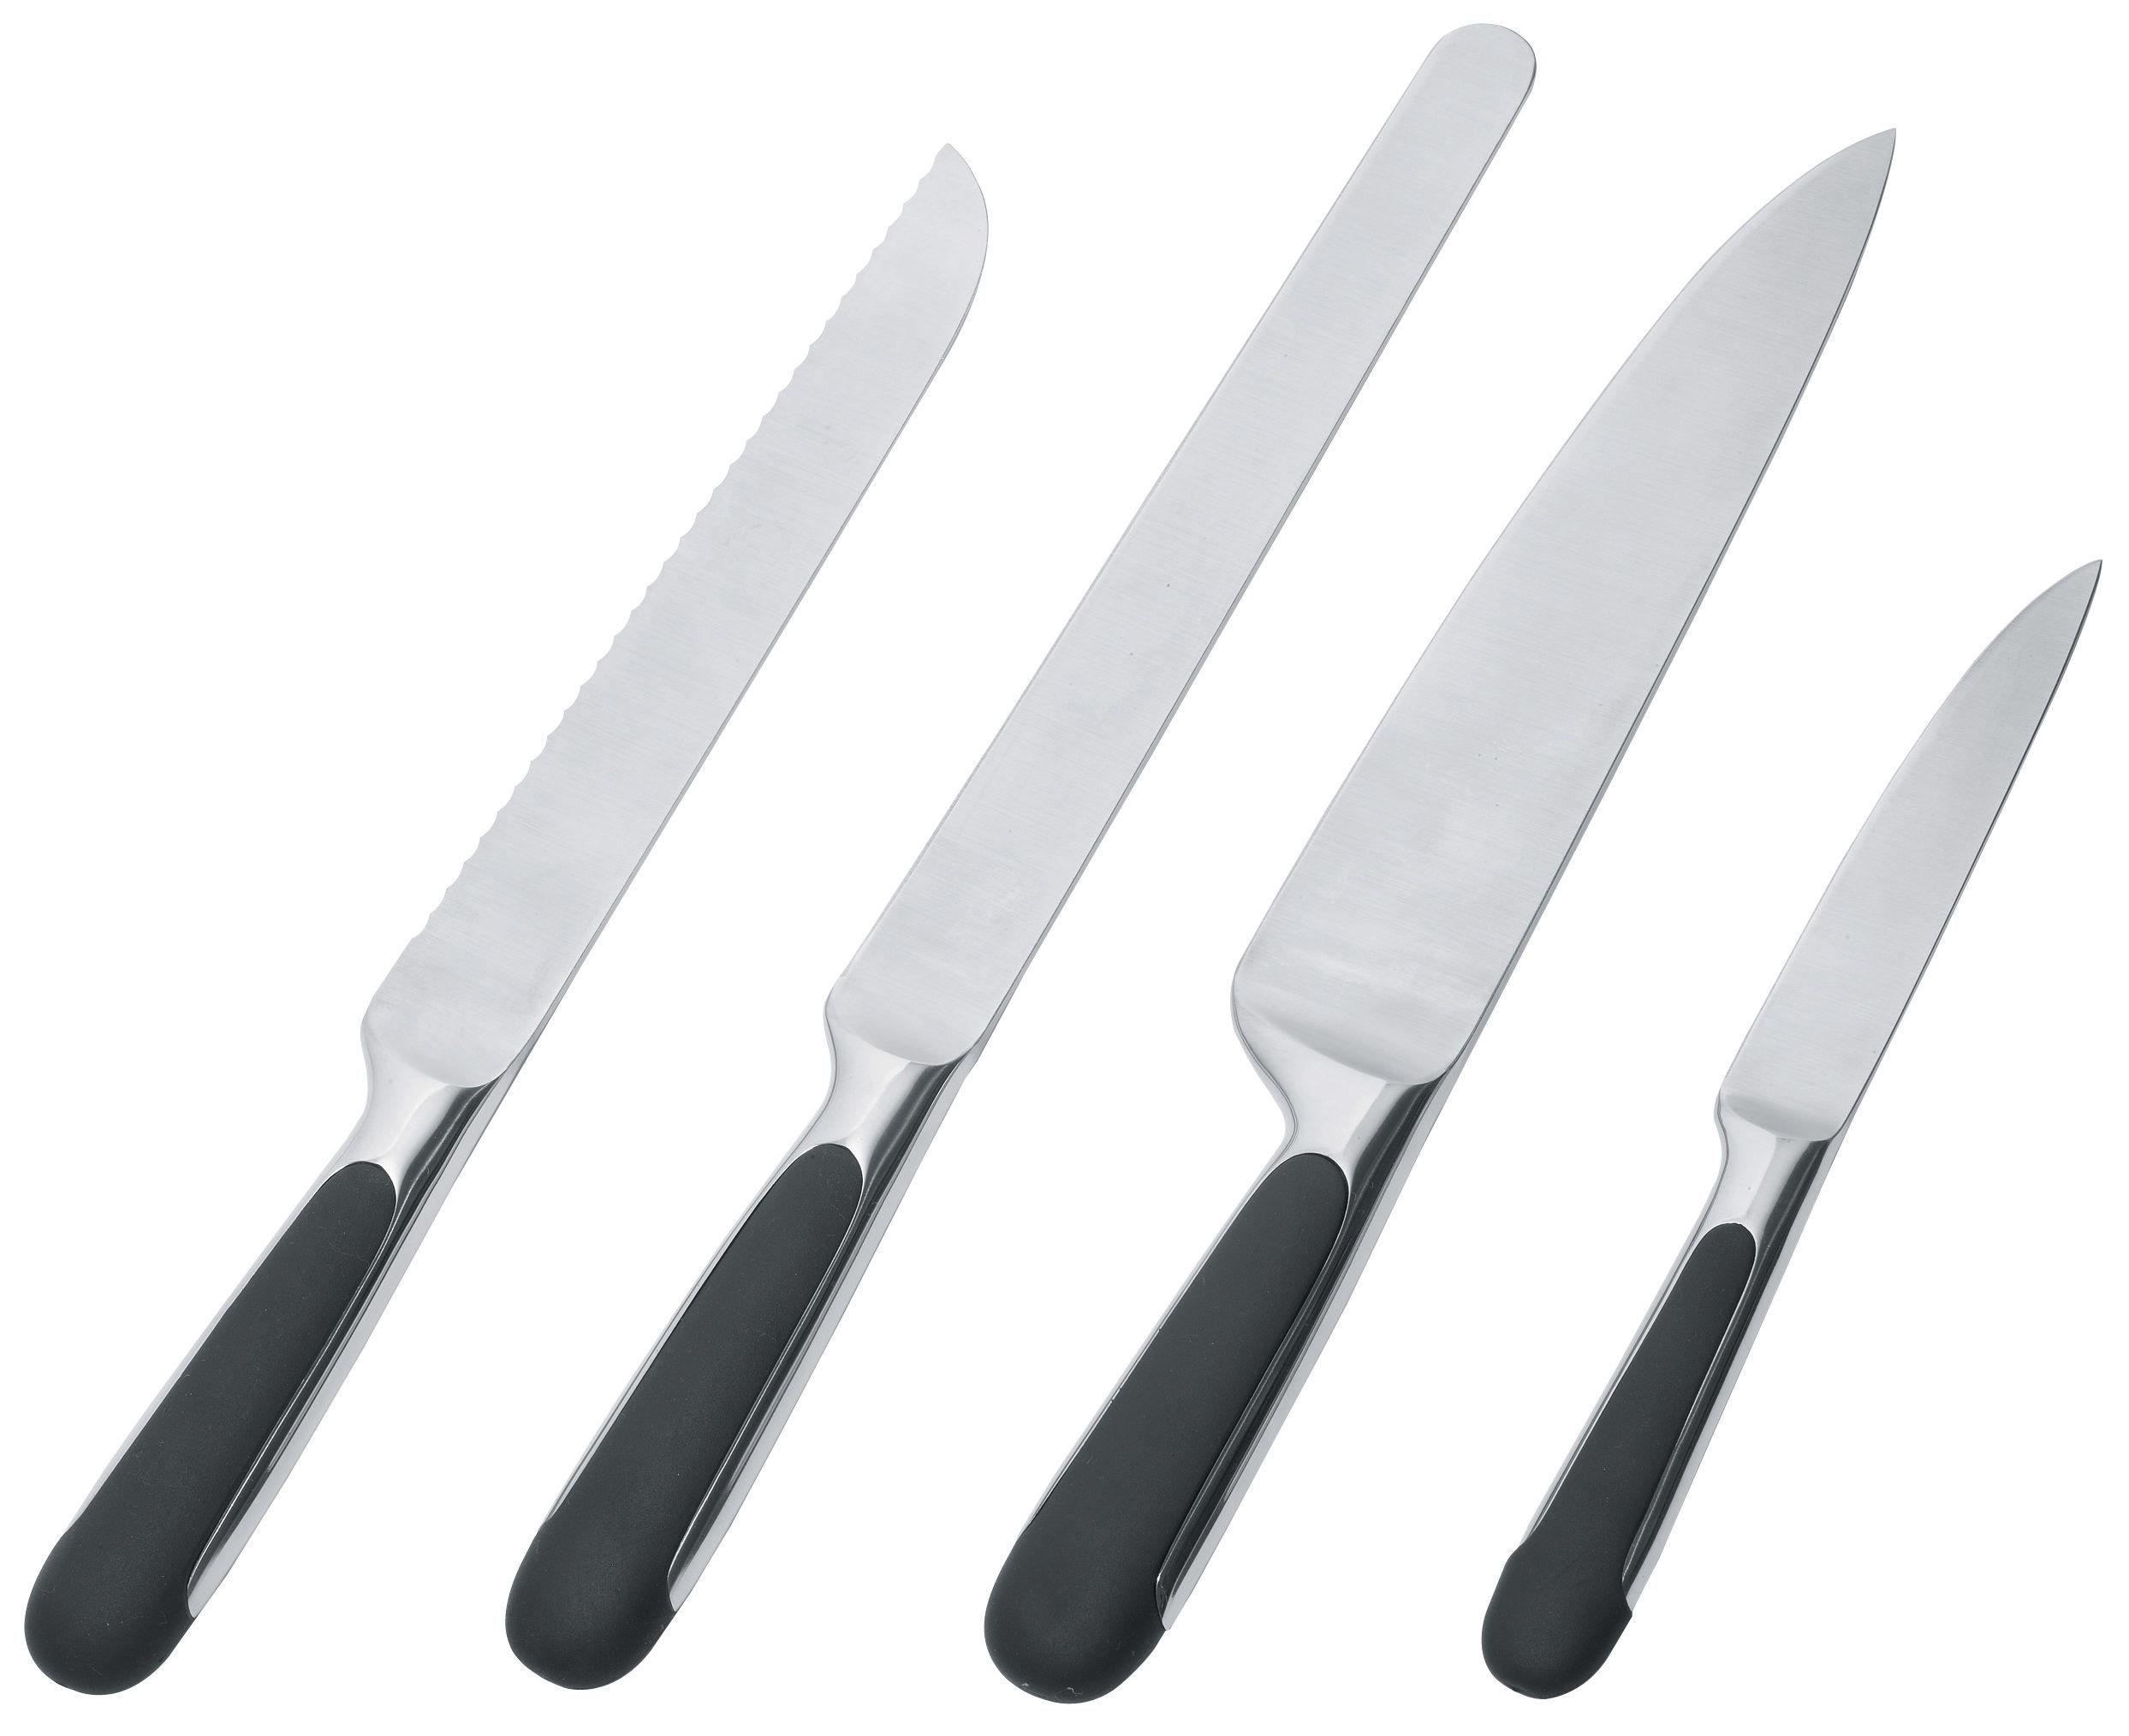 Scopri coltello da cucina mami coltello da cucina - Coltelli da cucina ...